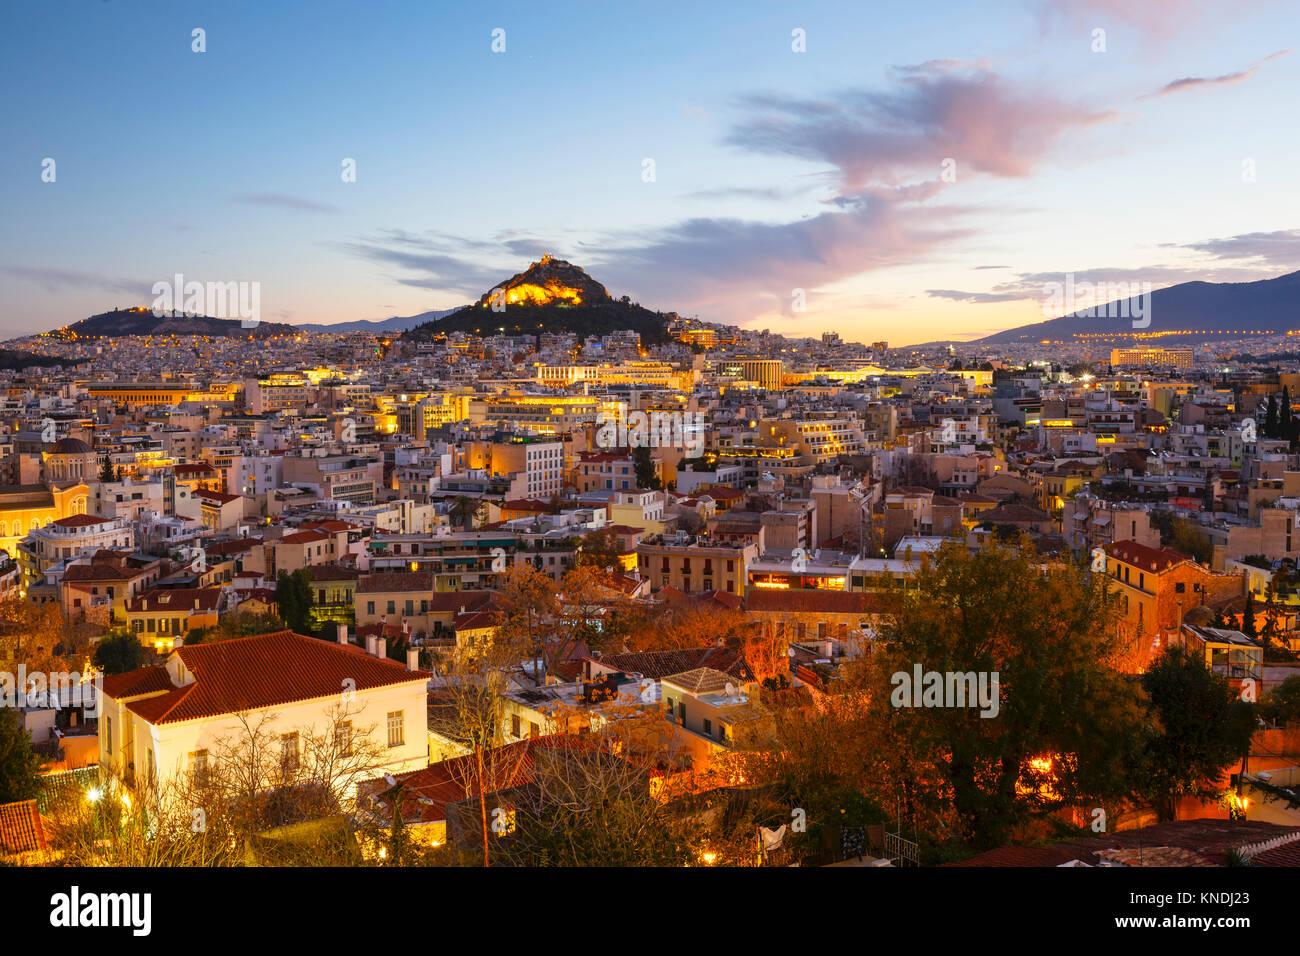 Vista della collina di Lycabettus Anafiotika dal quartiere del centro storico di Atene, Grecia. Immagini Stock